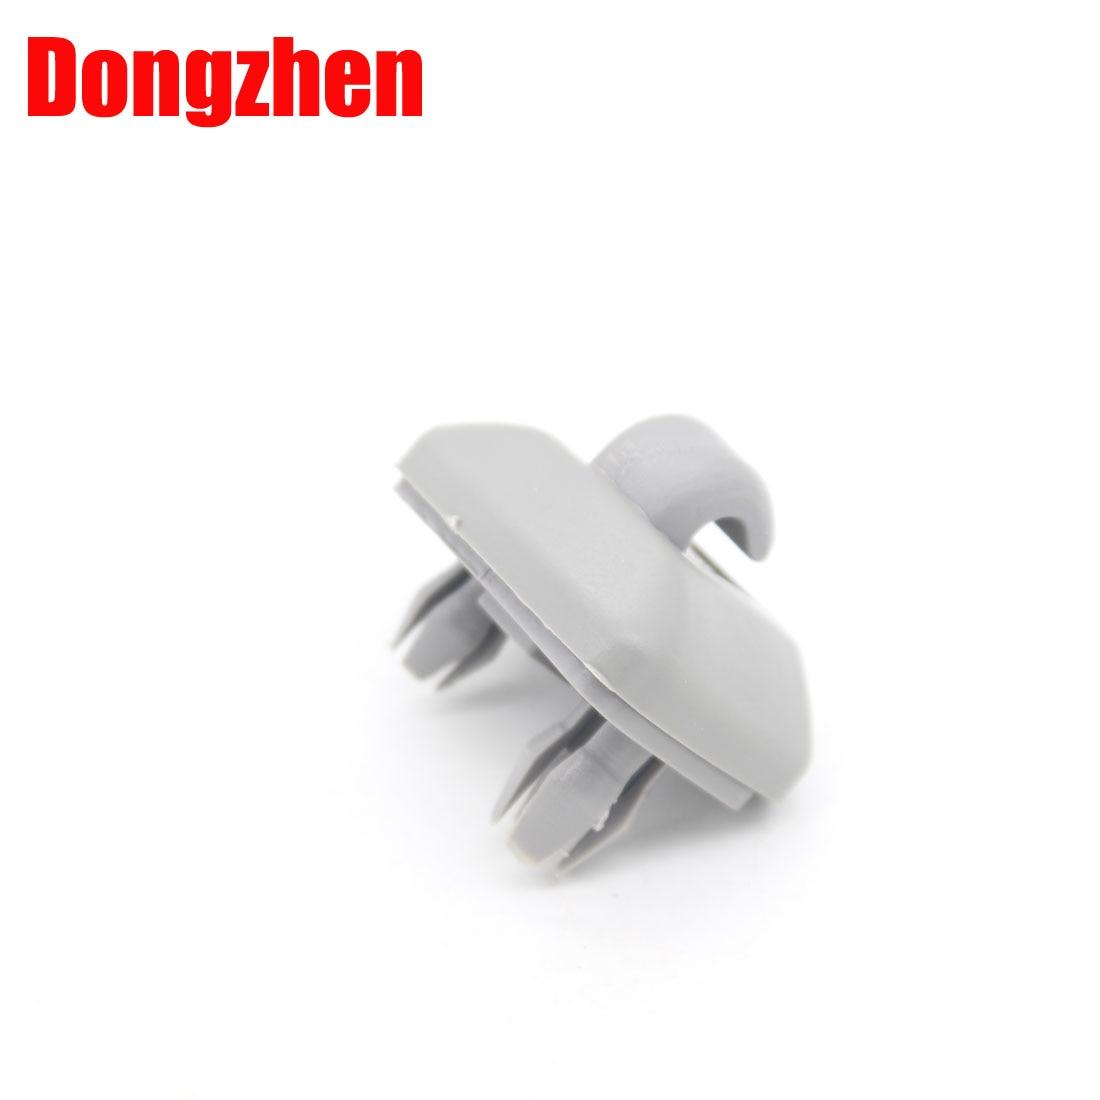 Dongzhen plastic sun visor clip hook bracket hanger fit for audi a1 a3 a4 a5 q3